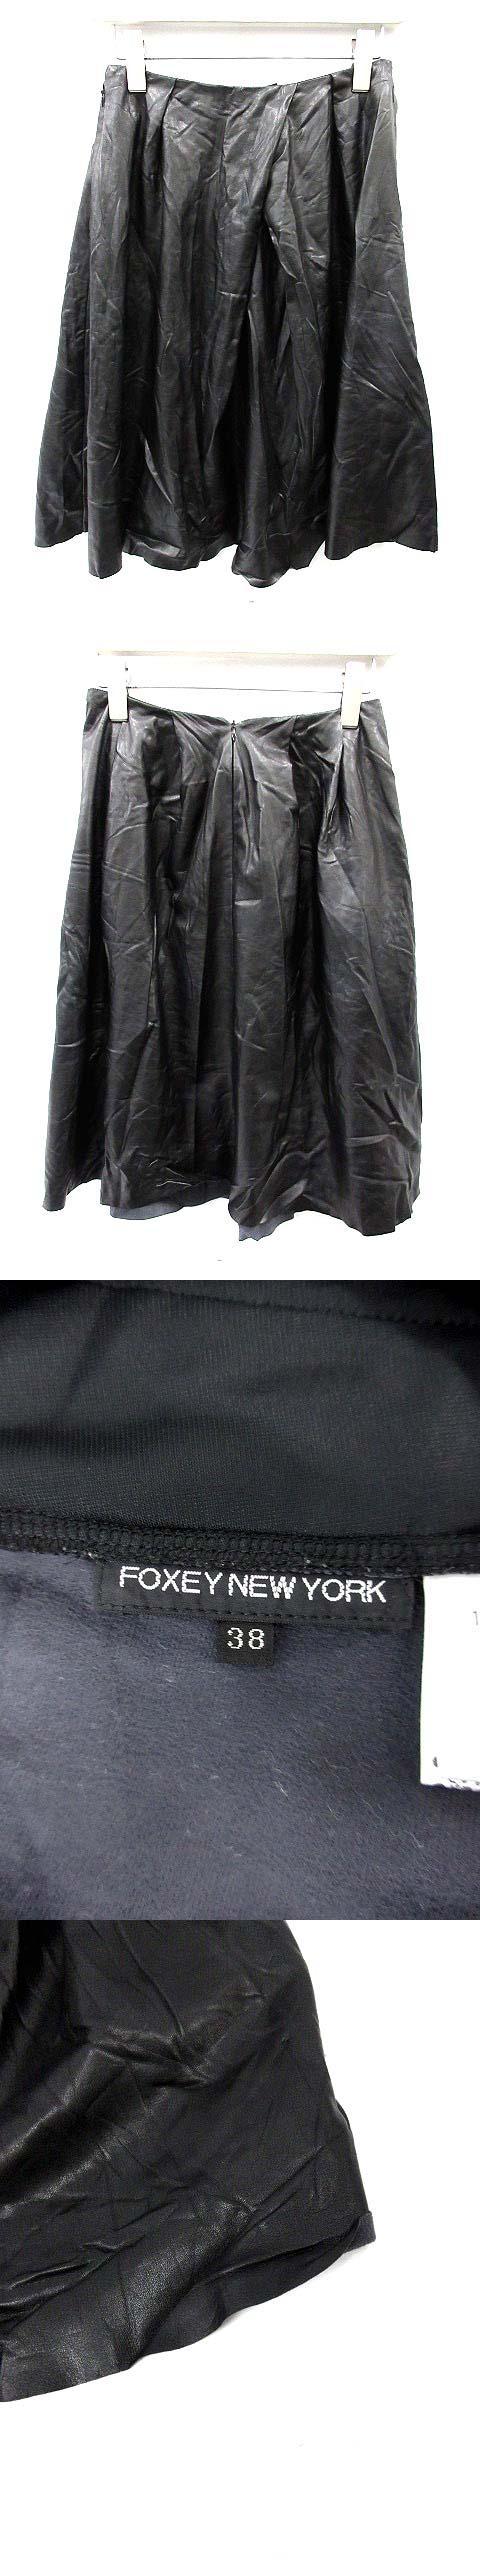 スカート フェイクレザー フレア 38 黒 ブラック /KH ■CA13